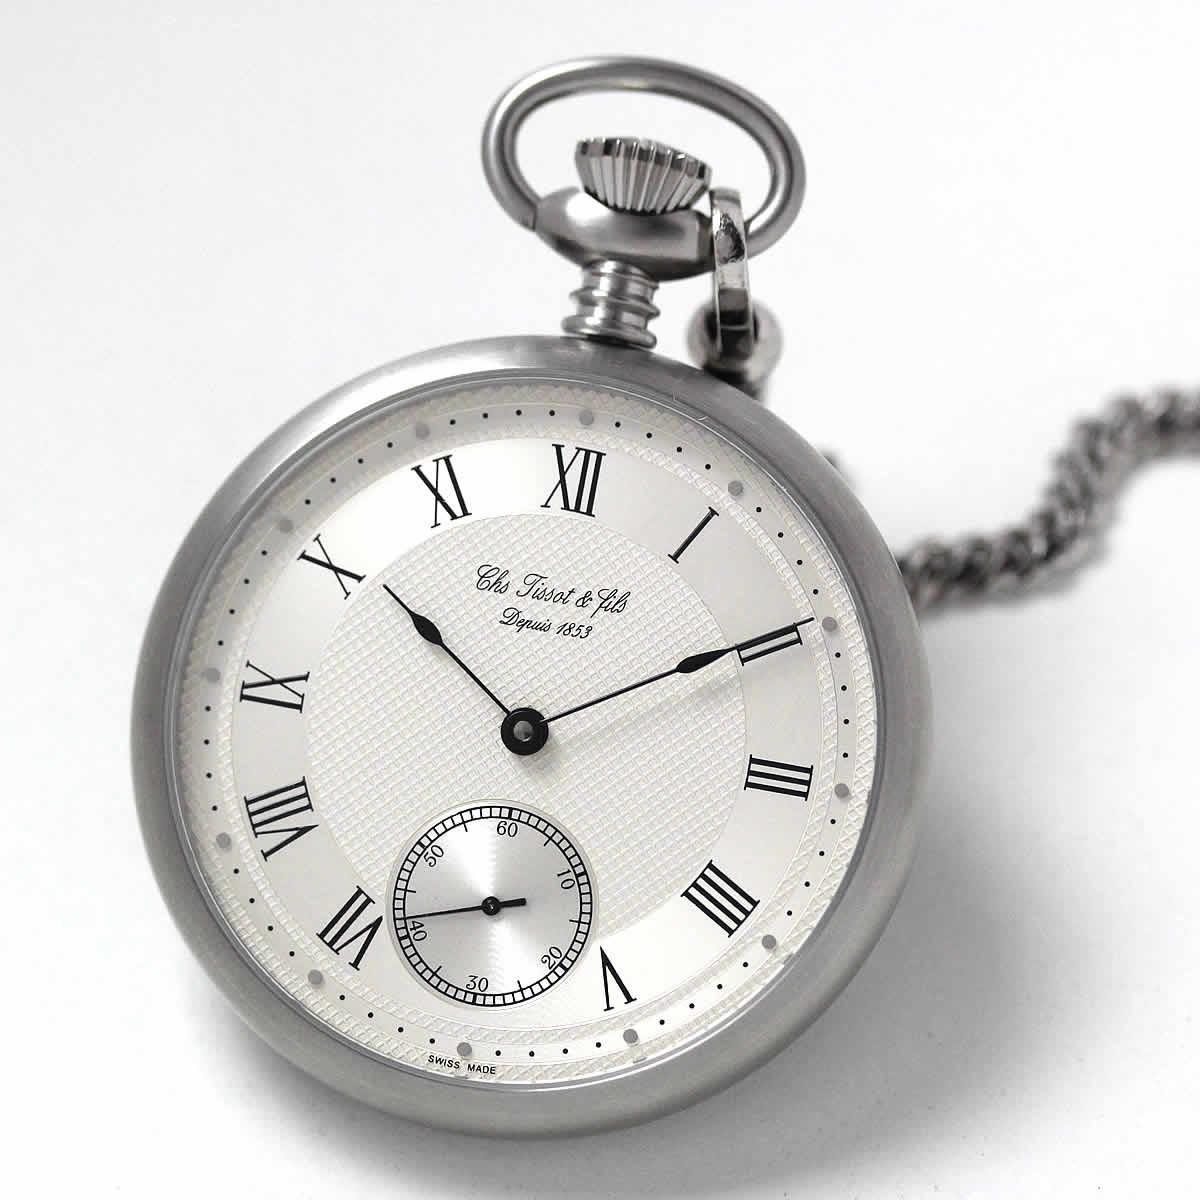 ティソ(TISSOT)蓋なし手巻き式懐中時計 T82.7.409.33